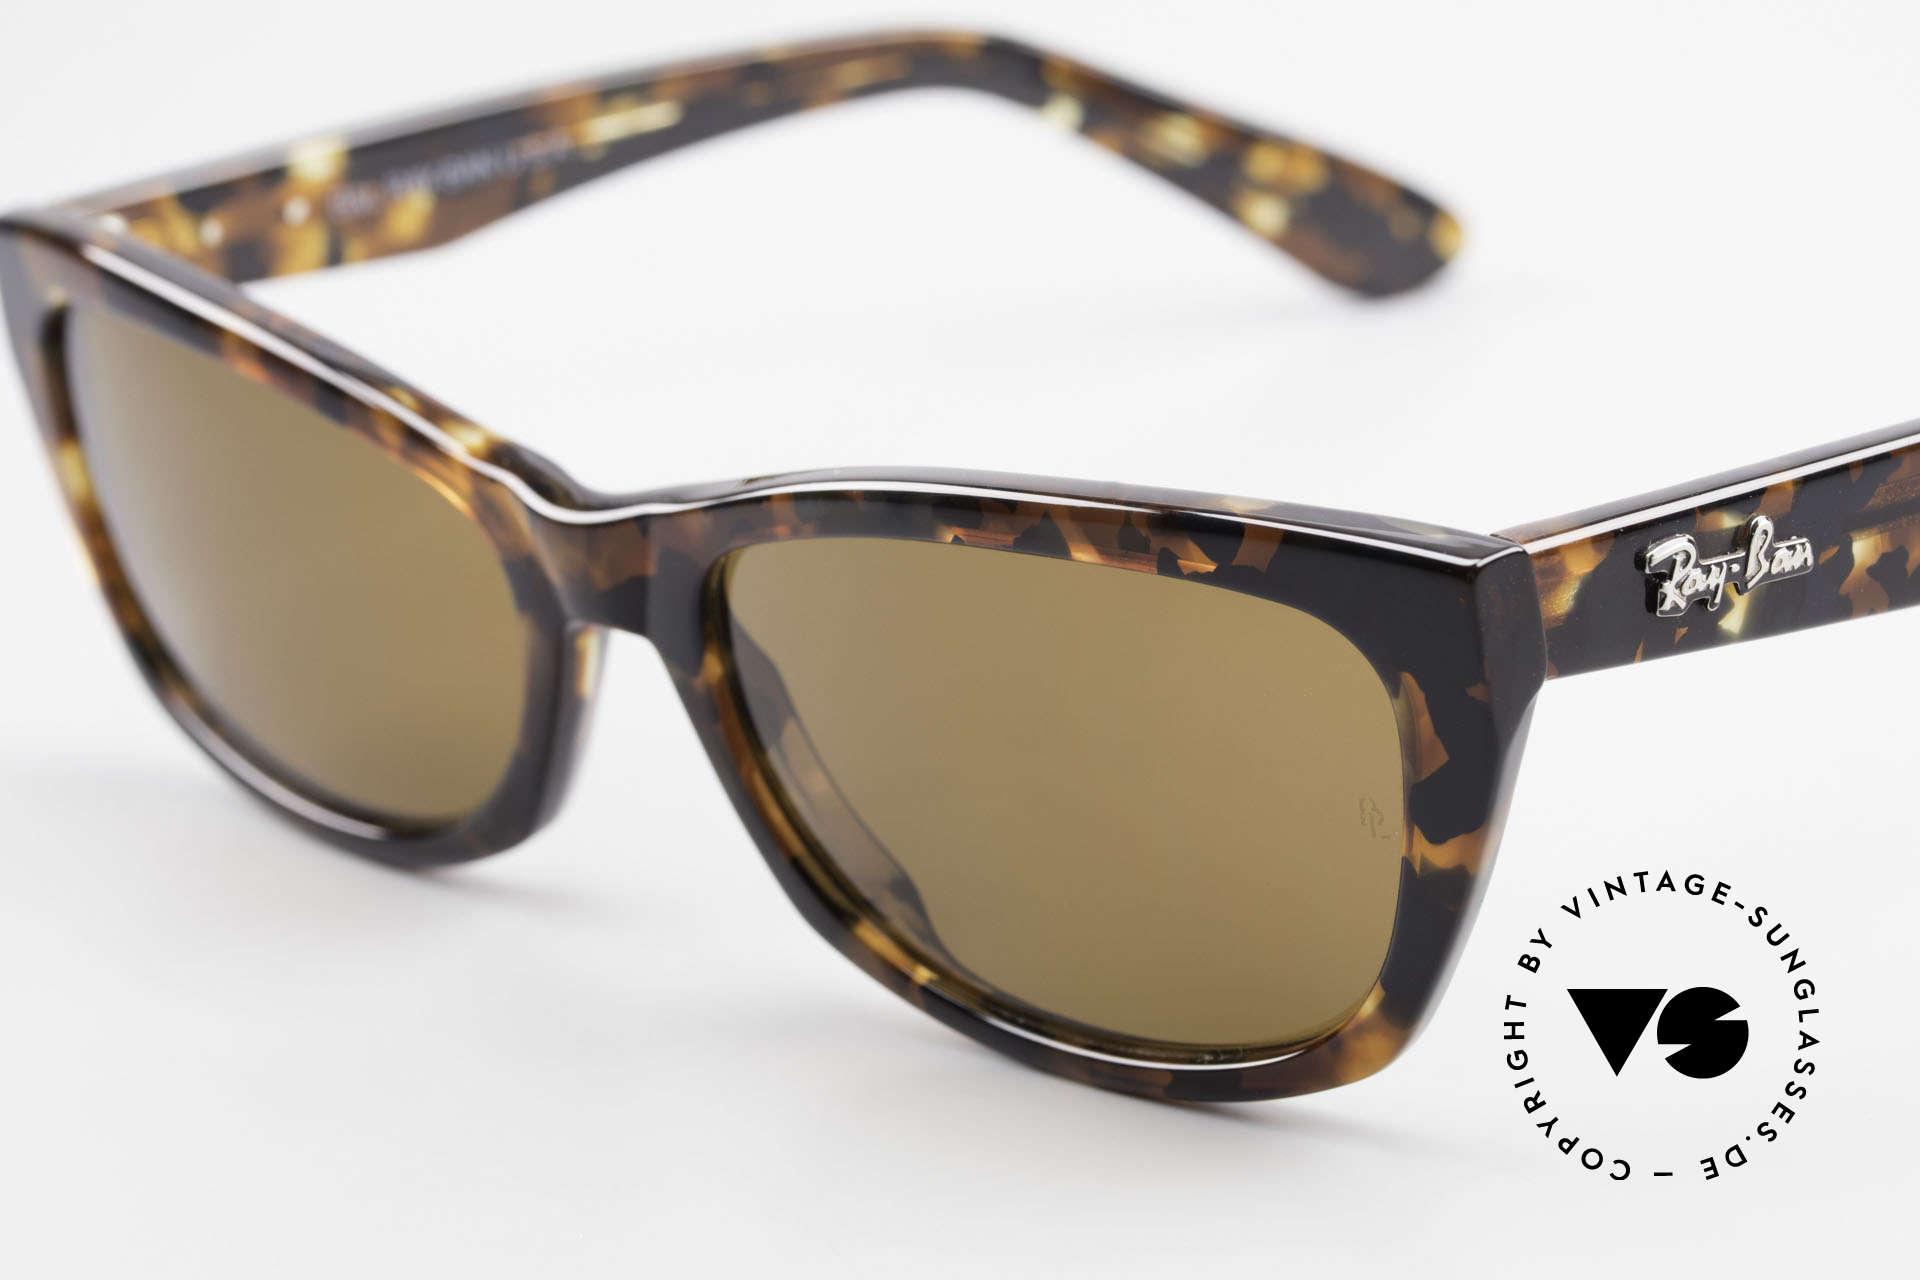 Ray Ban Innerview Alte B&L USA Sonnenbrille, ungetragen (wie alle unsere alten vintage Ray Bans), Passend für Damen